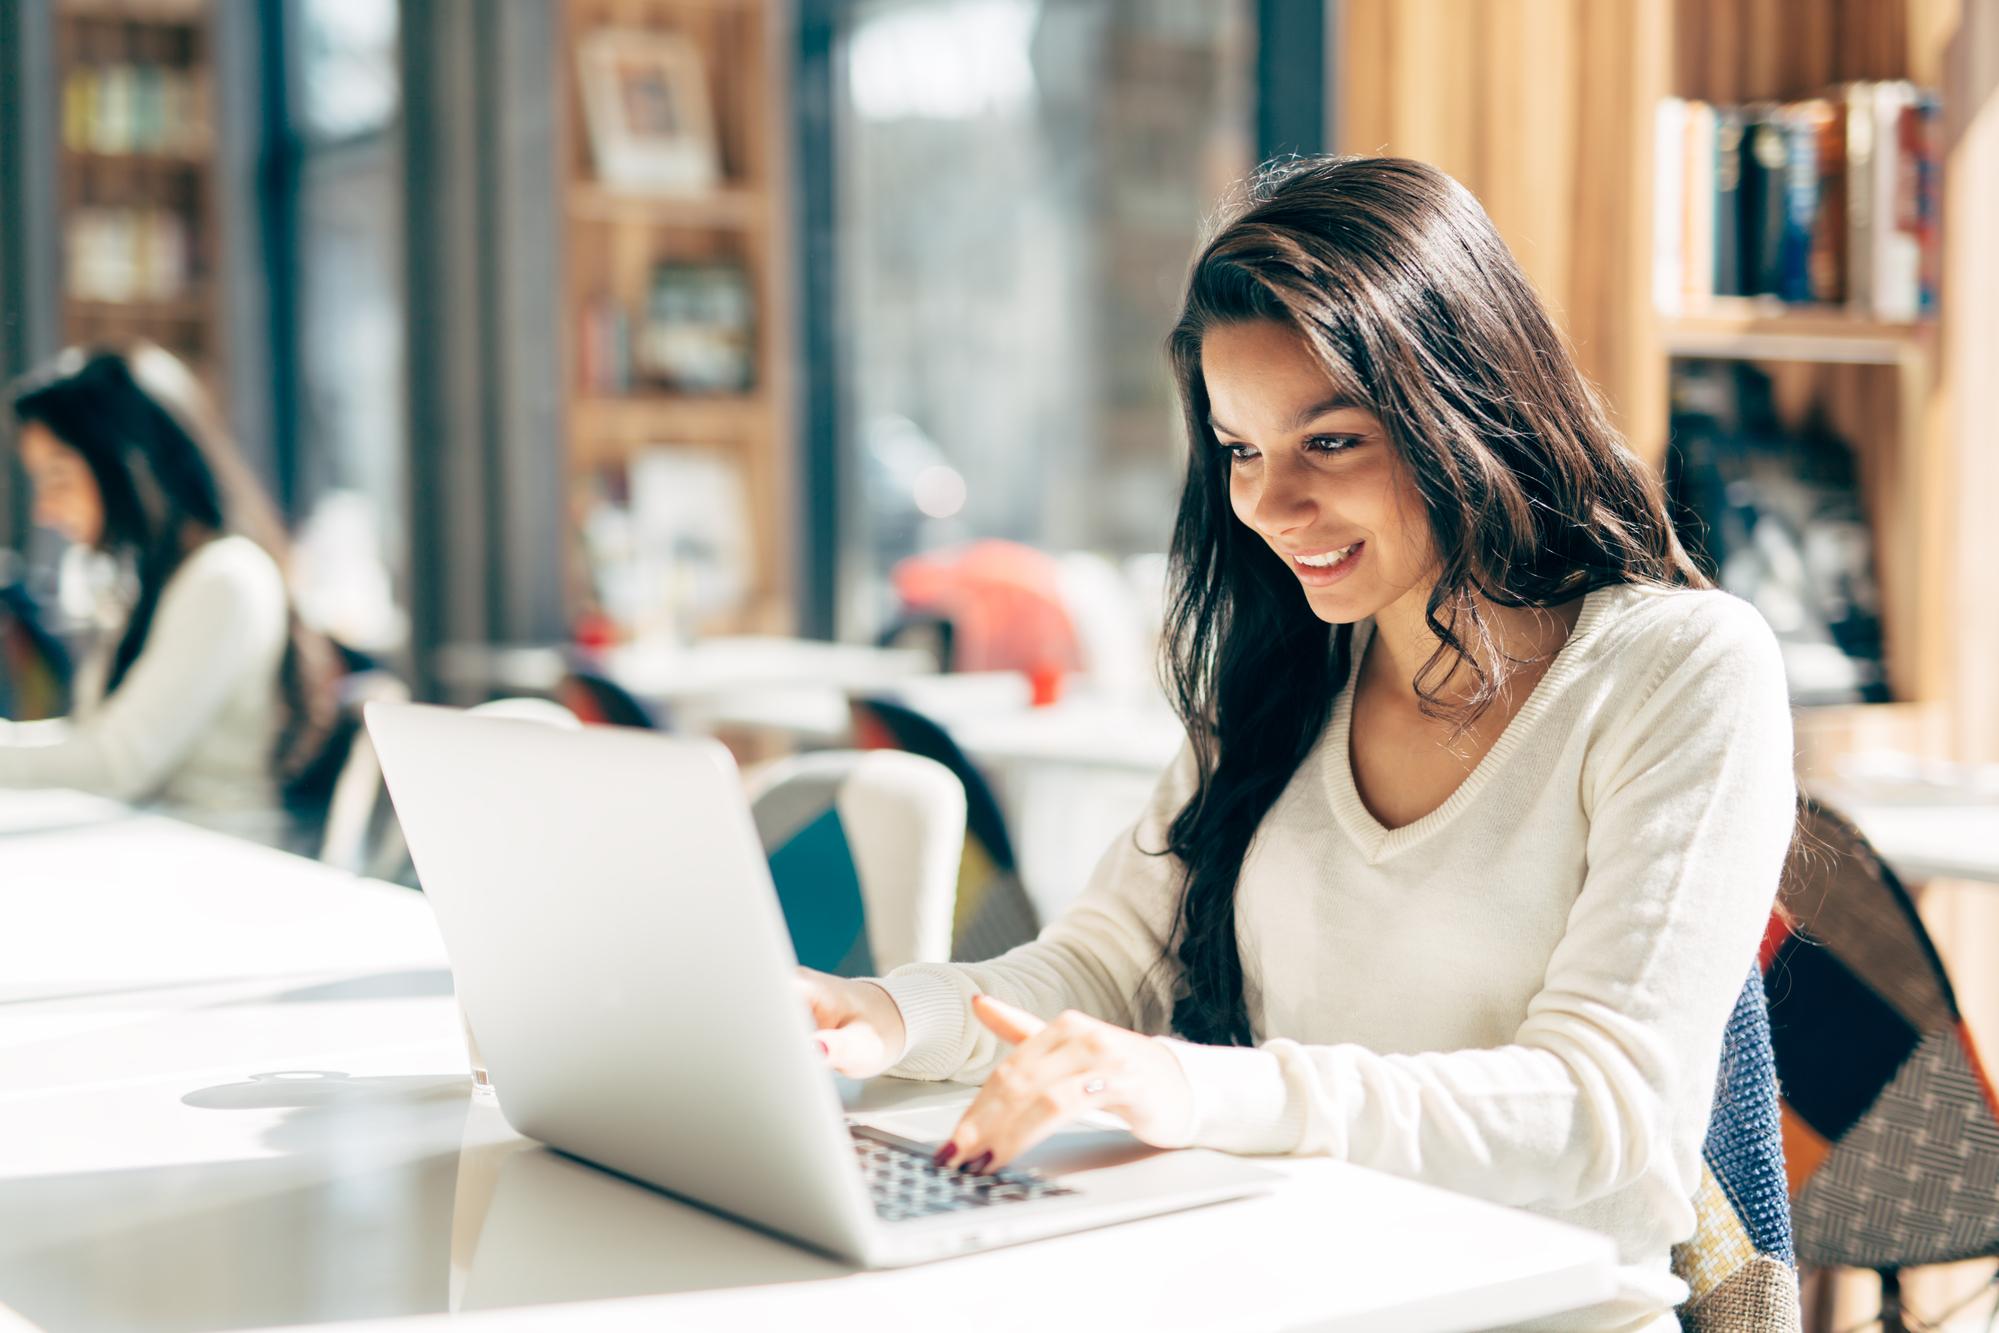 איך אפשרי להגיש עבודות סמינריון גם כשלא אוהבים לכתוב